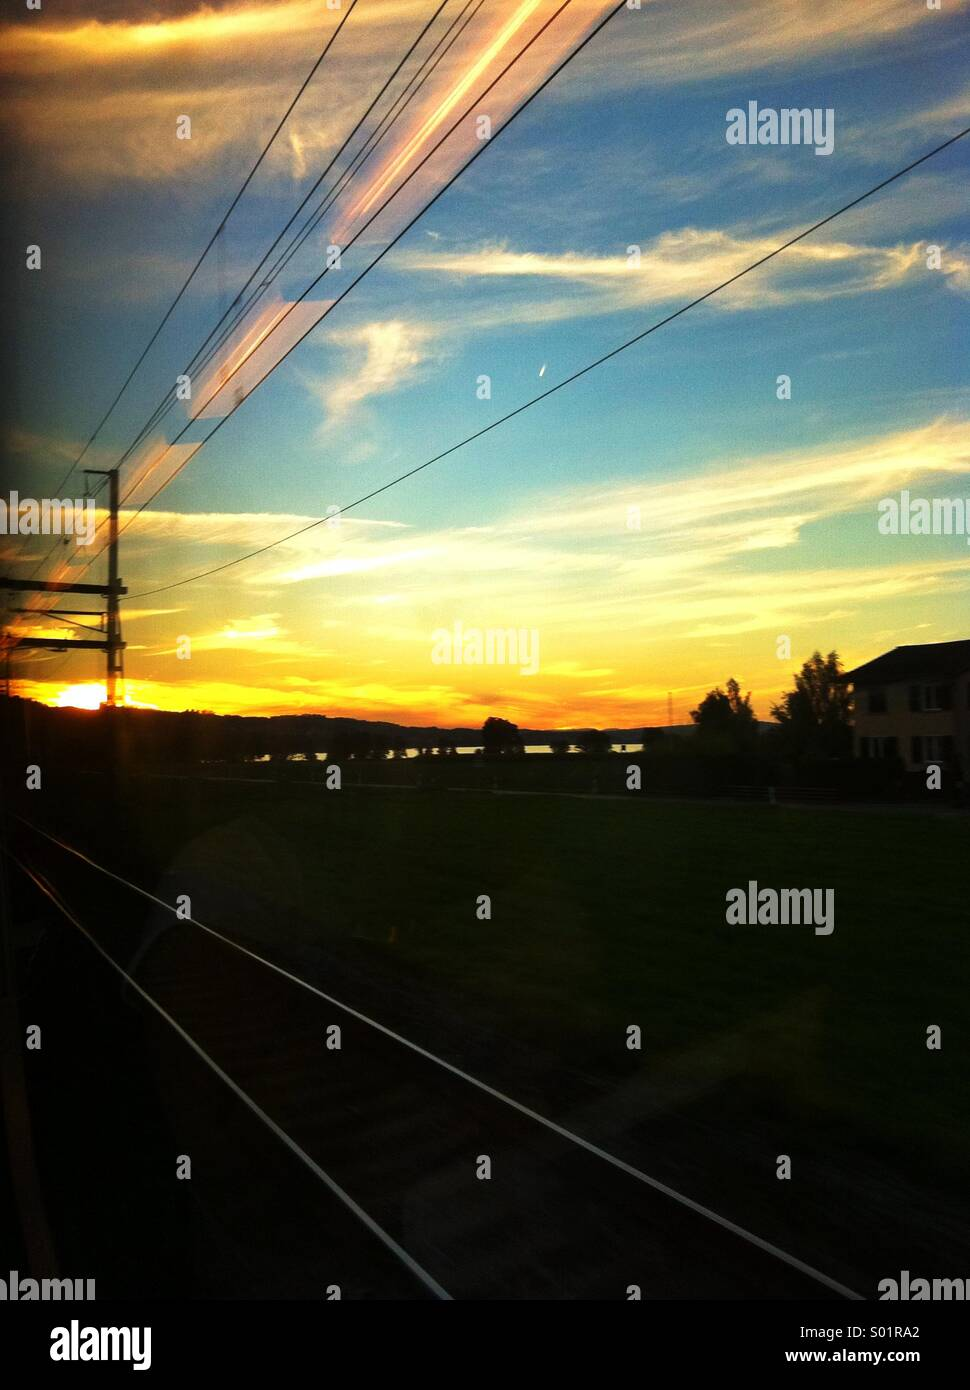 Zug Spur macht Linien Sonnenuntergang Stockbild